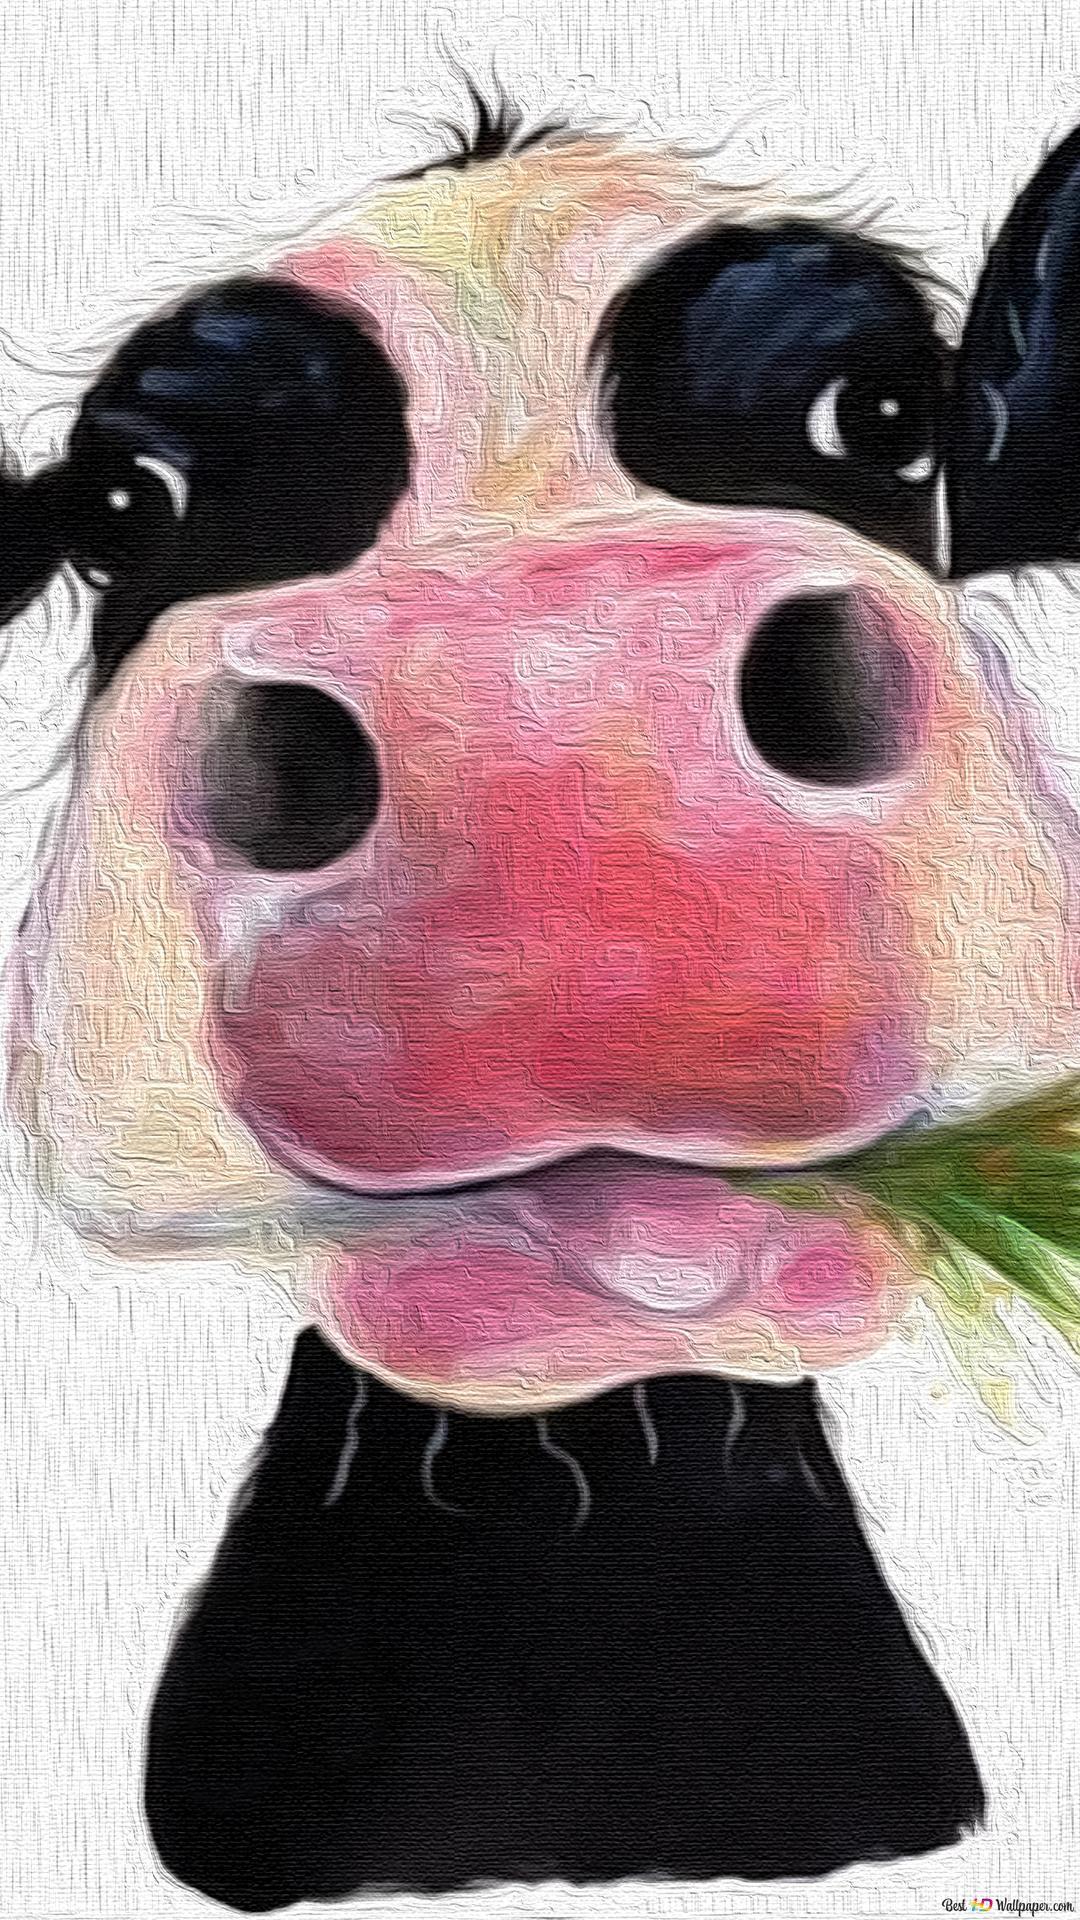 草を食べる牛の芸術の絵画 Hd壁紙のダウンロード